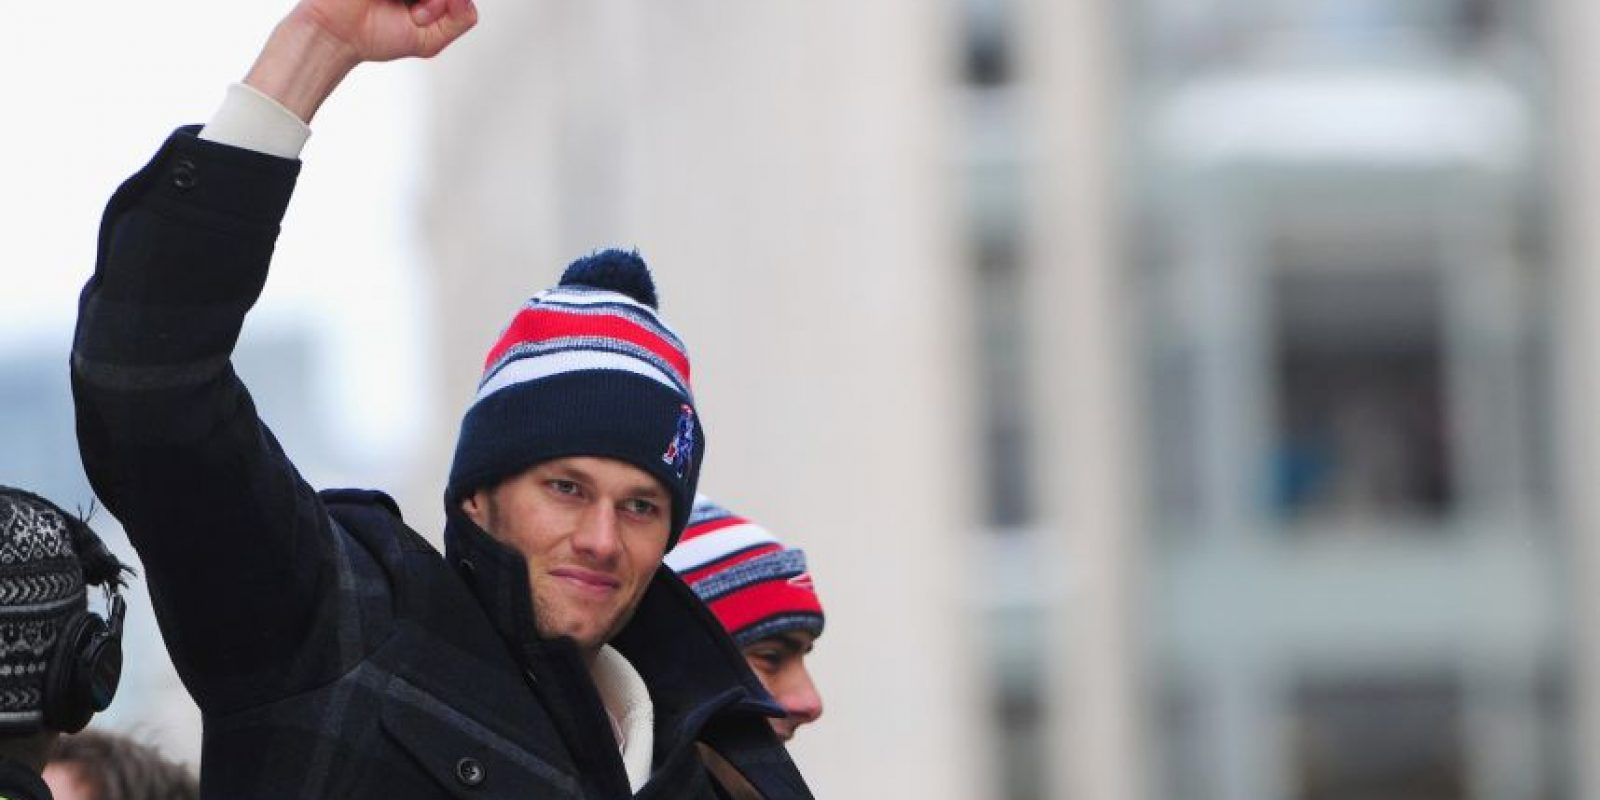 El mariscal de campo de los Patriotas, Tom Brady, no acompañó a su equipo a la Casa Blanca. Foto:Getty Images